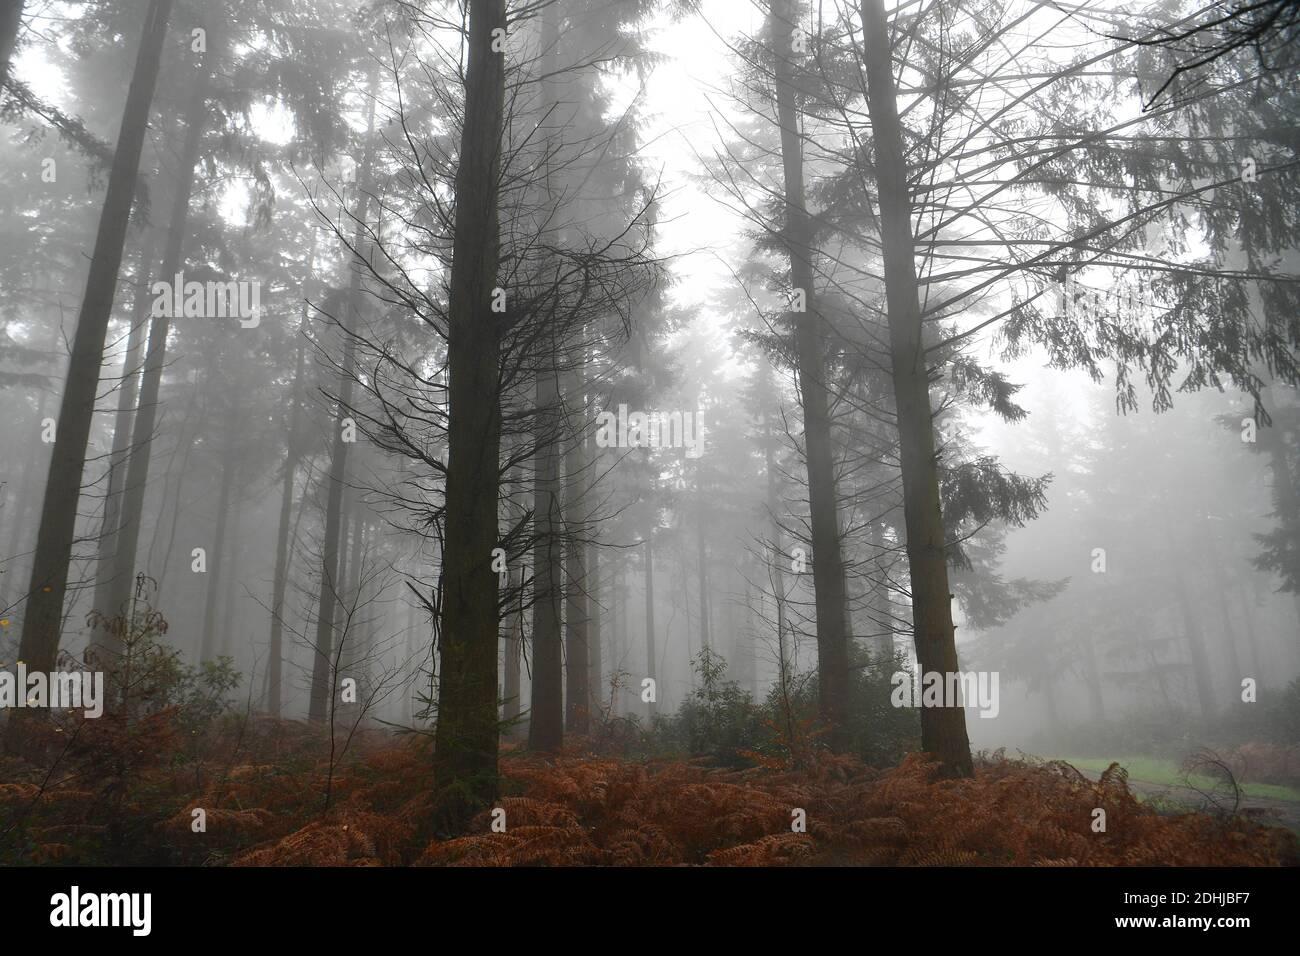 Images de brouillard dans les bois - North Downs près de West Horsley, Surrey.- Dick Focks Common - Forestry Commission. La photo montre du brouillard, des arbres, de la brume dans cette région pittoresque de Surrey. Photo prise le 7 décembre 2020 Banque D'Images